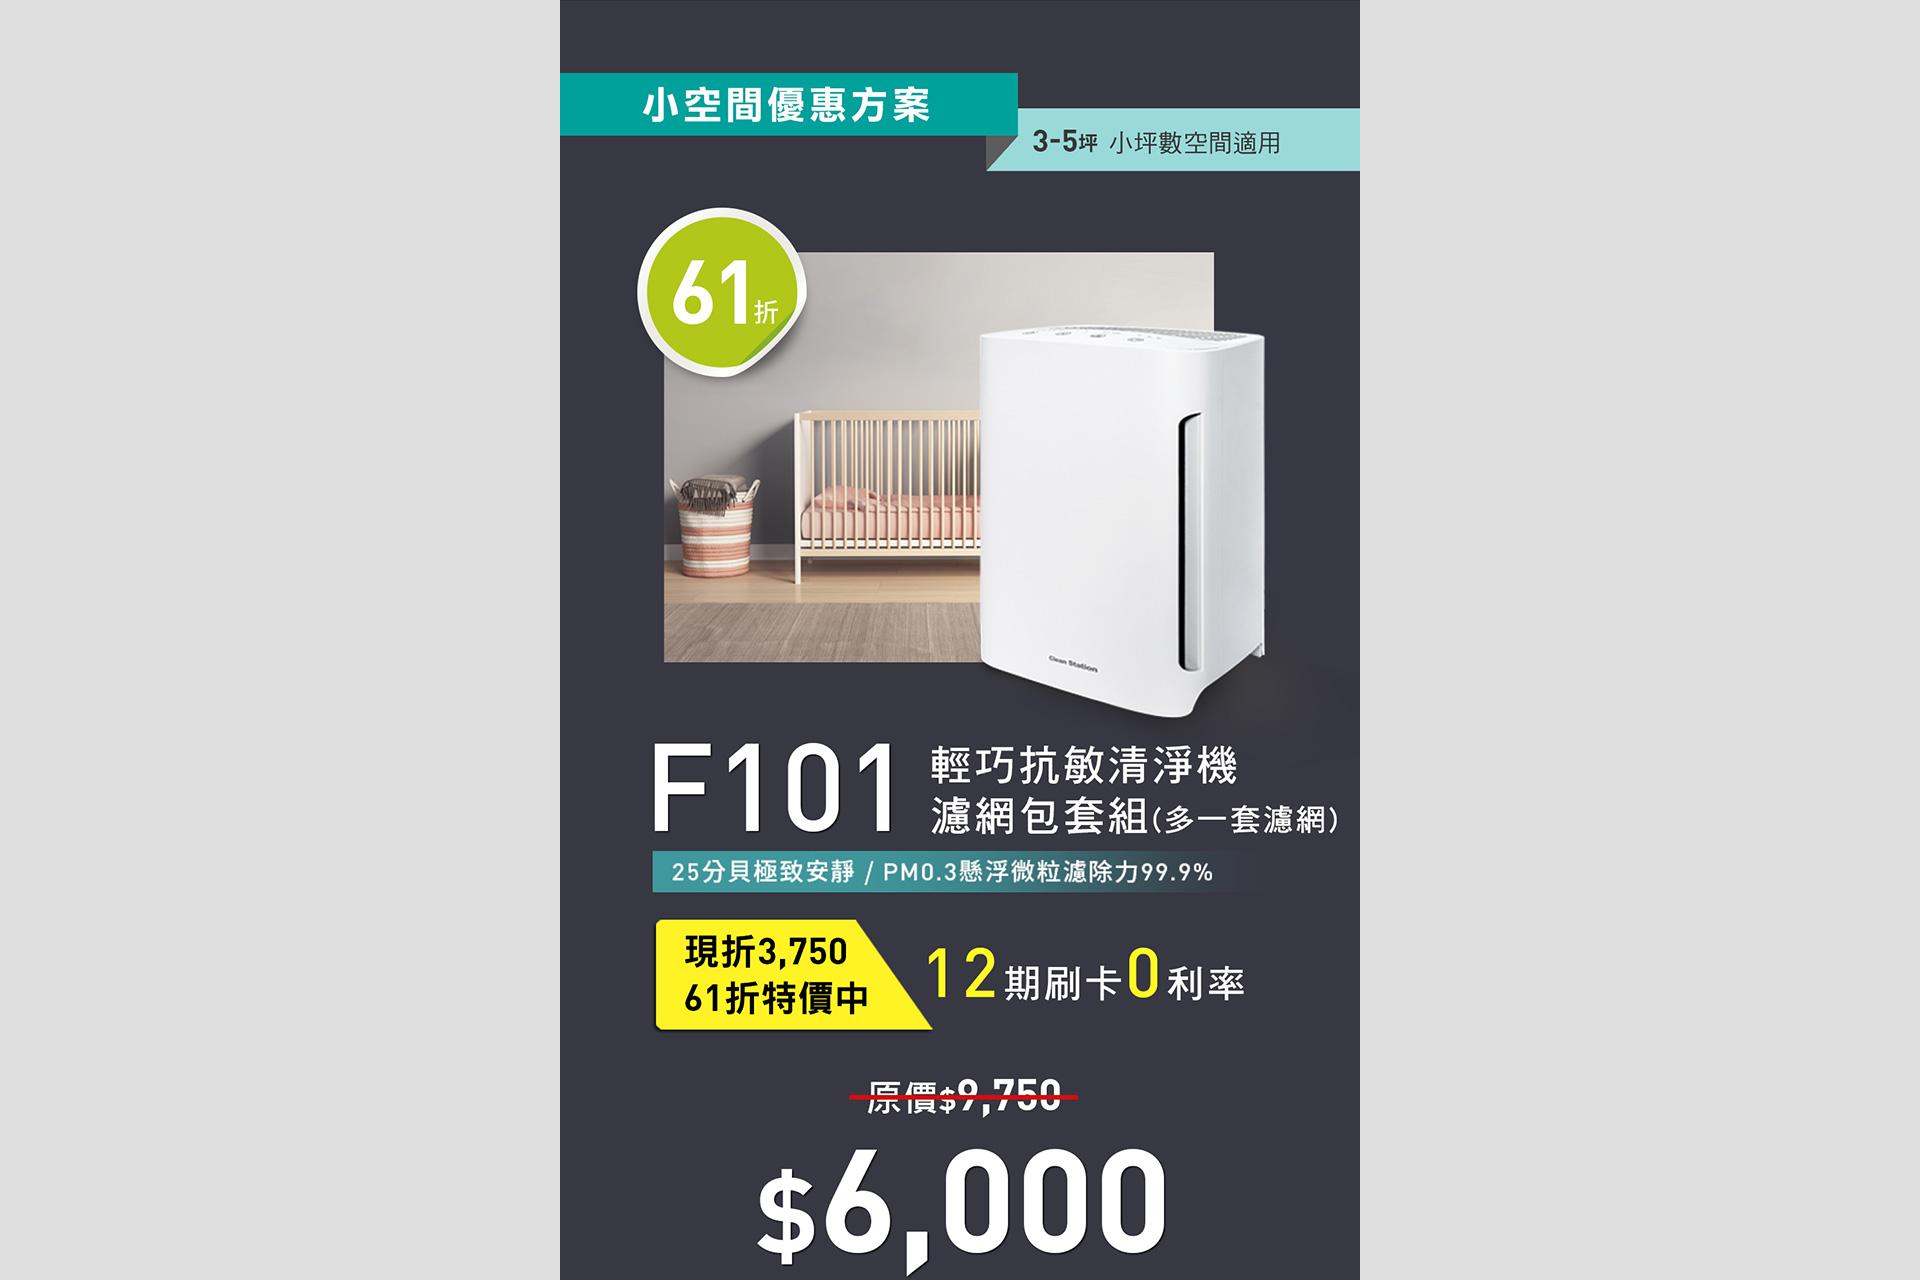 f101_14周年慶-Mobile版_20191104_V4_pc_14